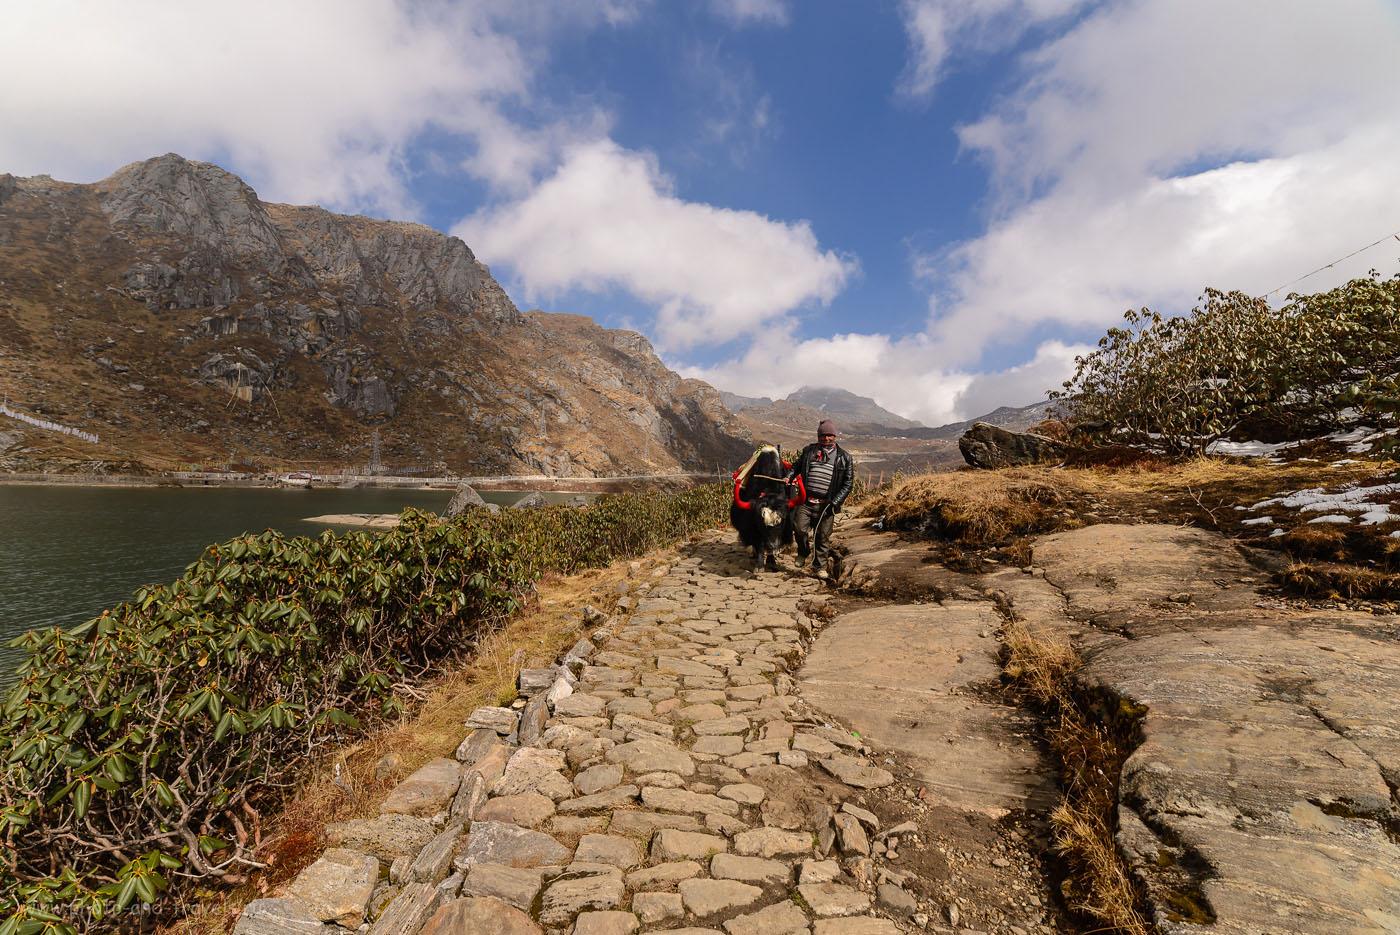 Снимок 8. Экологическая тропа вдоль берега озера Тсомго в Индии. Отчет о поездке в штат Сикким. 1/320, -1.33, 9.0, 100, 14.